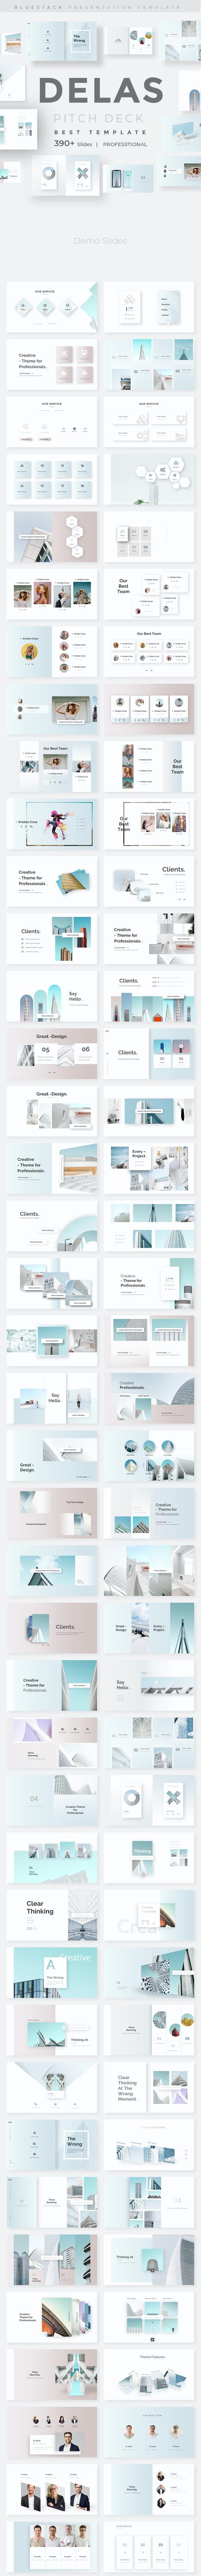 Delas Minimal Design Google Slide Template - Google Slides Presentation Templates